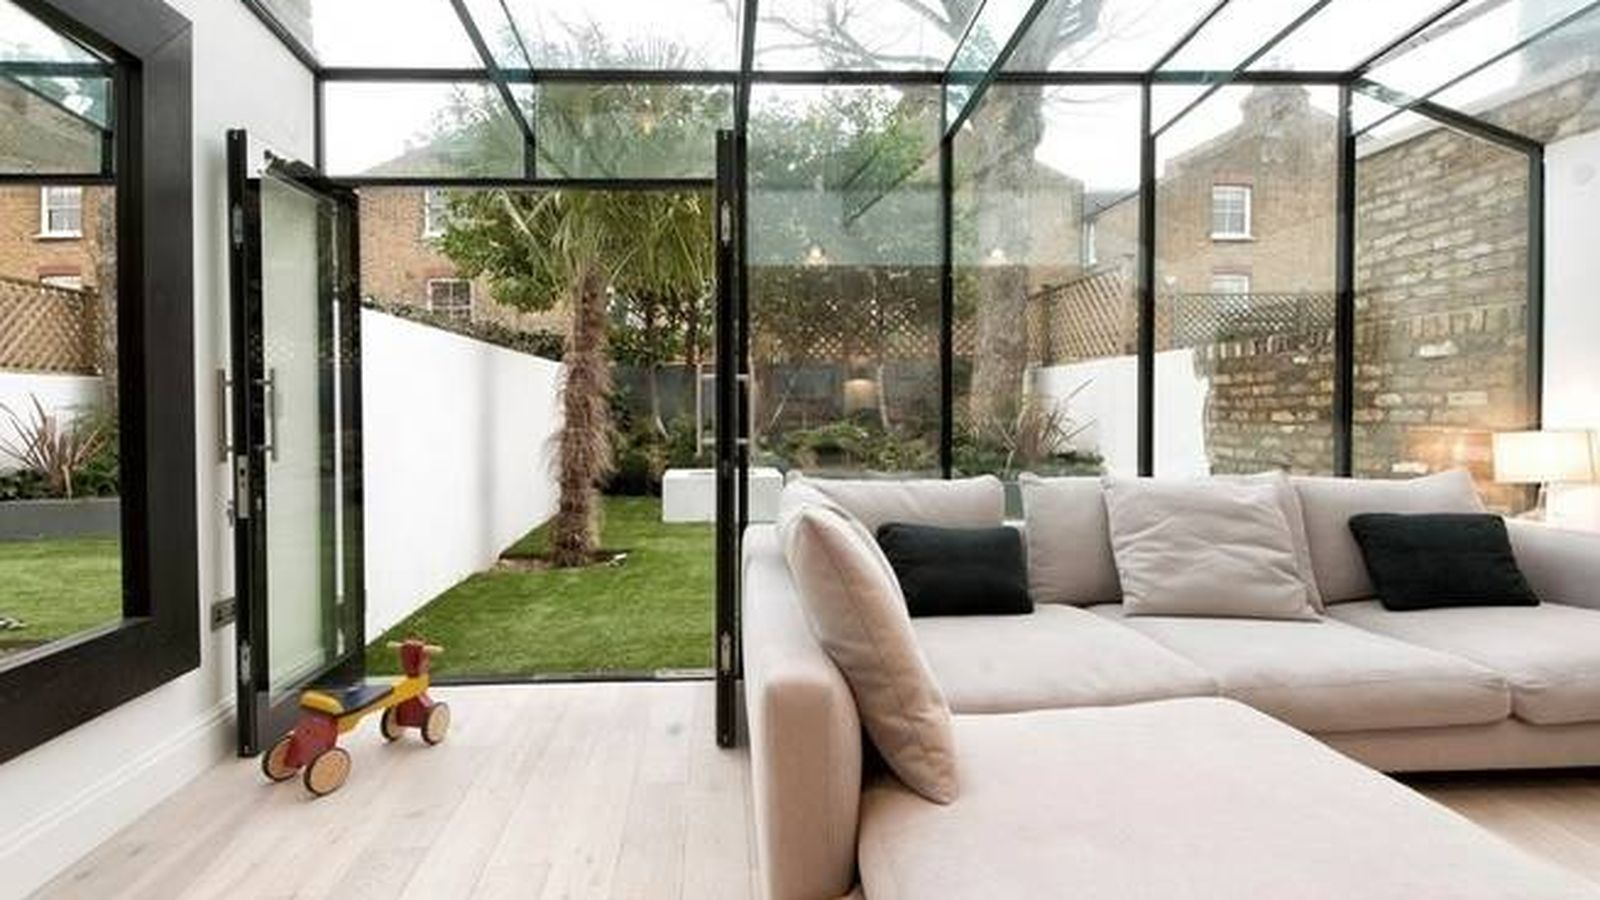 Decoraci n cerramiento de terraza o un patio exterior as puedes ganar metros en tu casa - Decoracion aticos pequenos ...